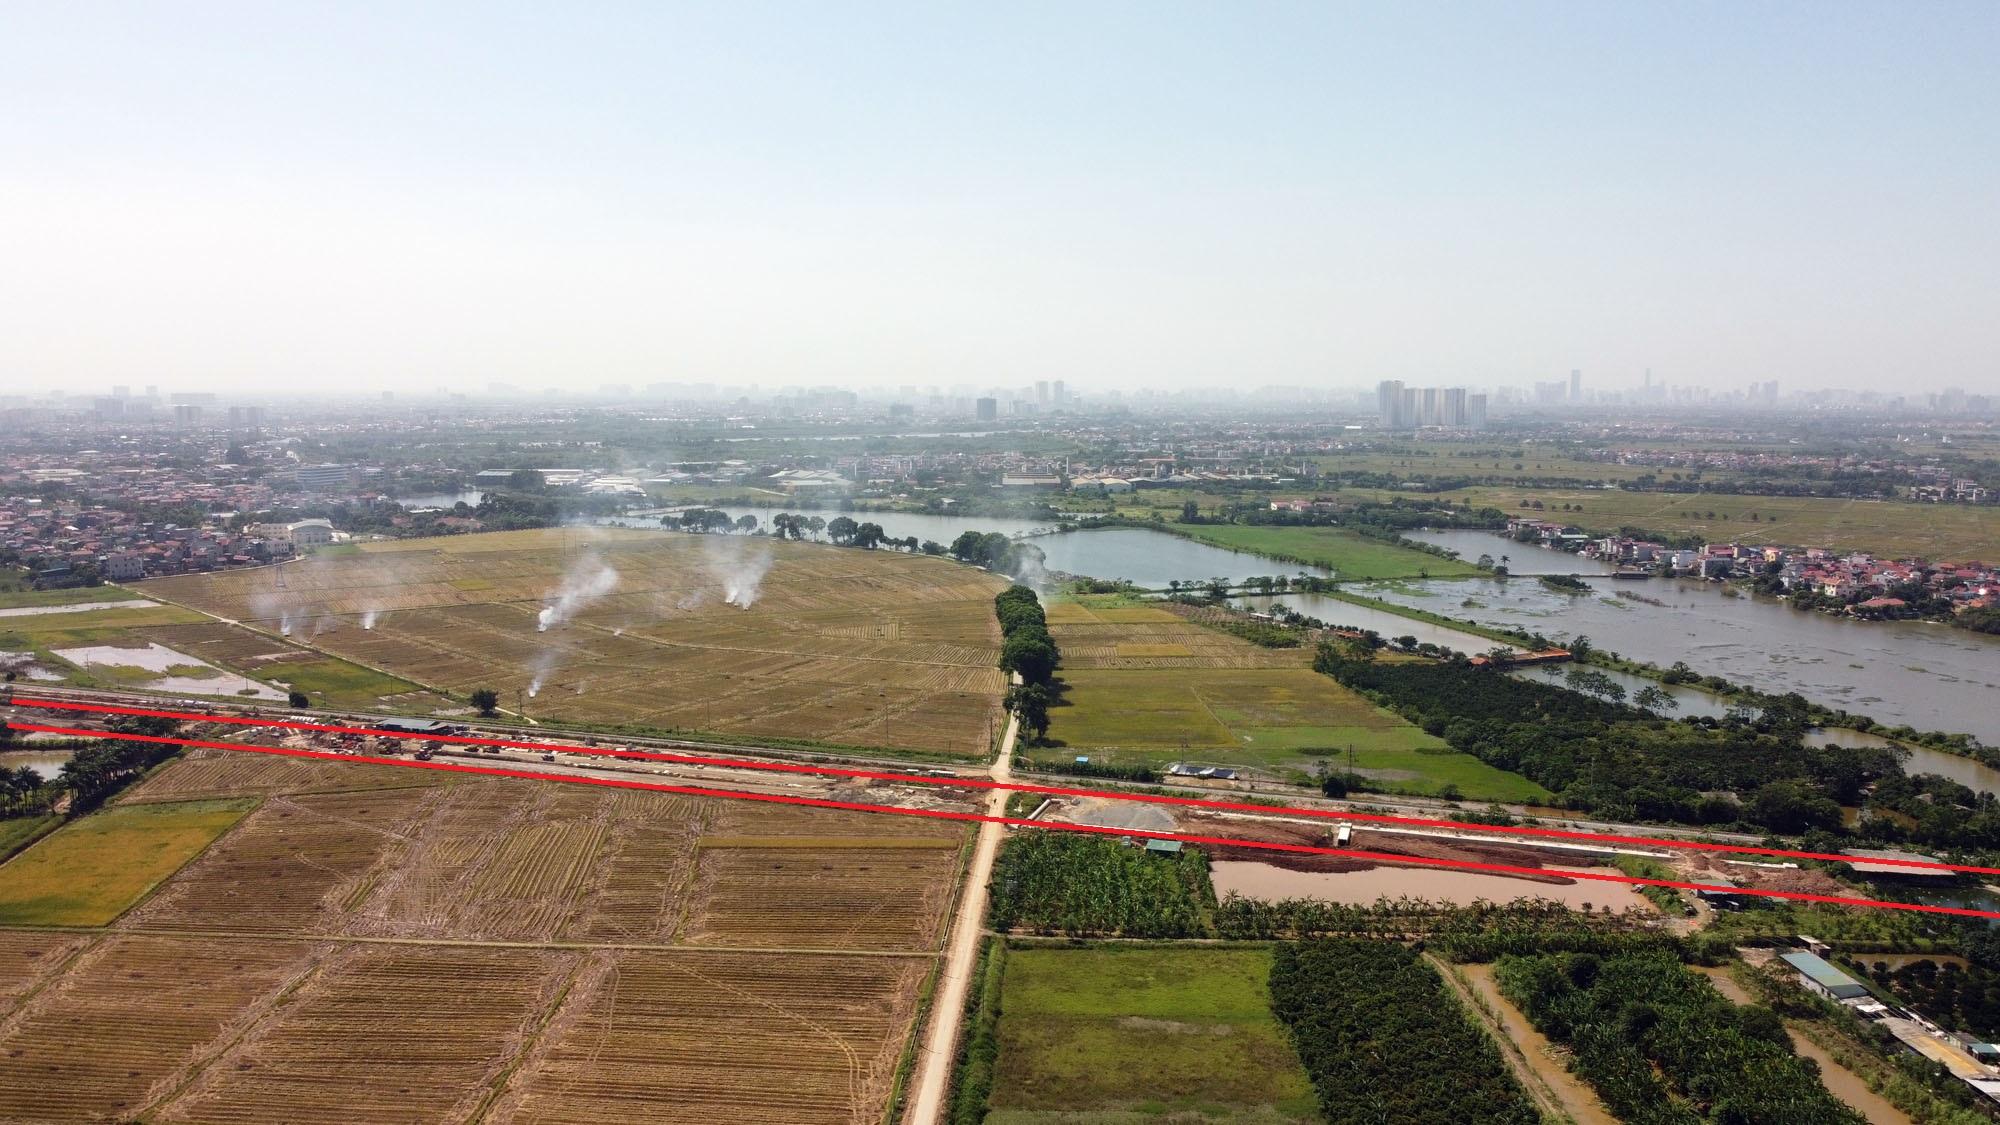 Ba đường sẽ mở theo quy hoạch ở xã Yên Thường, Gia Lâm, Hà Nội - Ảnh 5.